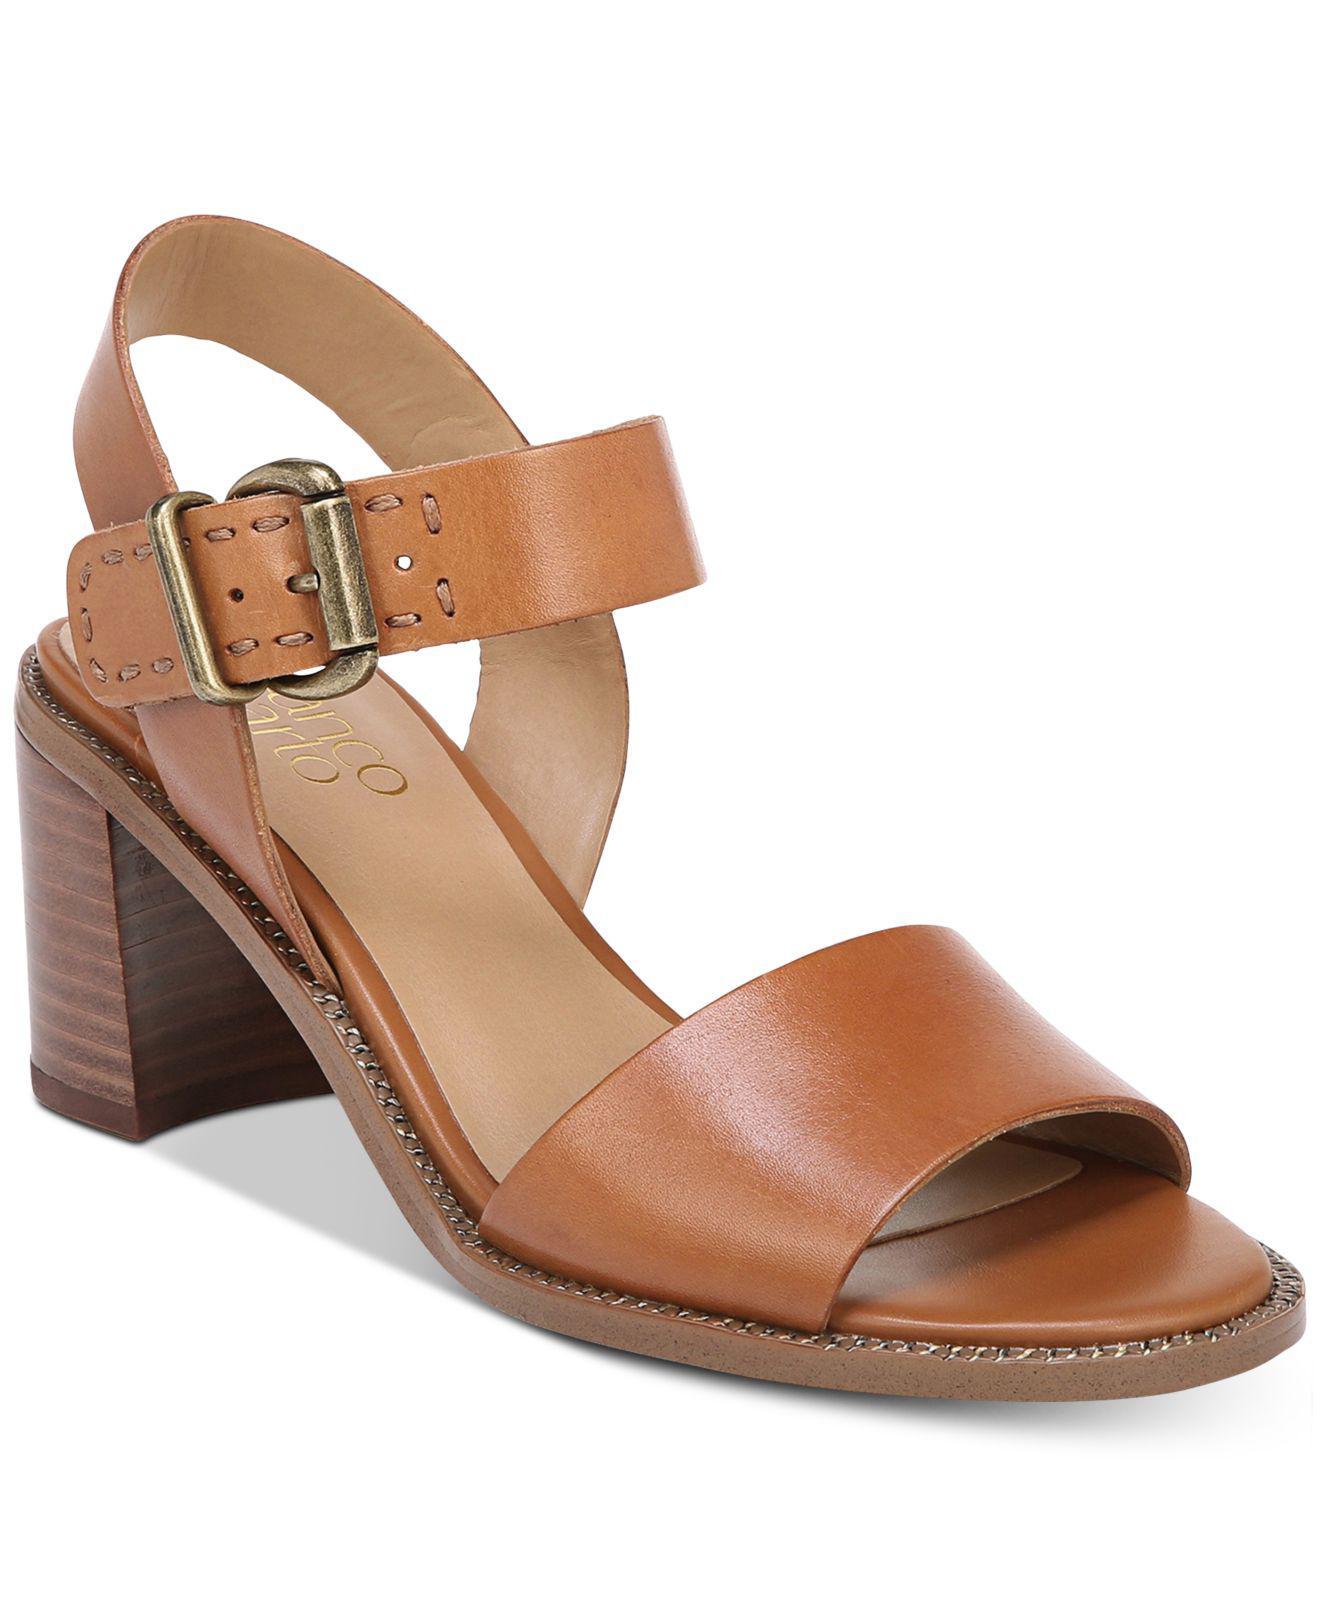 Franco Sarto Havana Block-Heel Dress Sandals Women's Shoes mVaX7pT